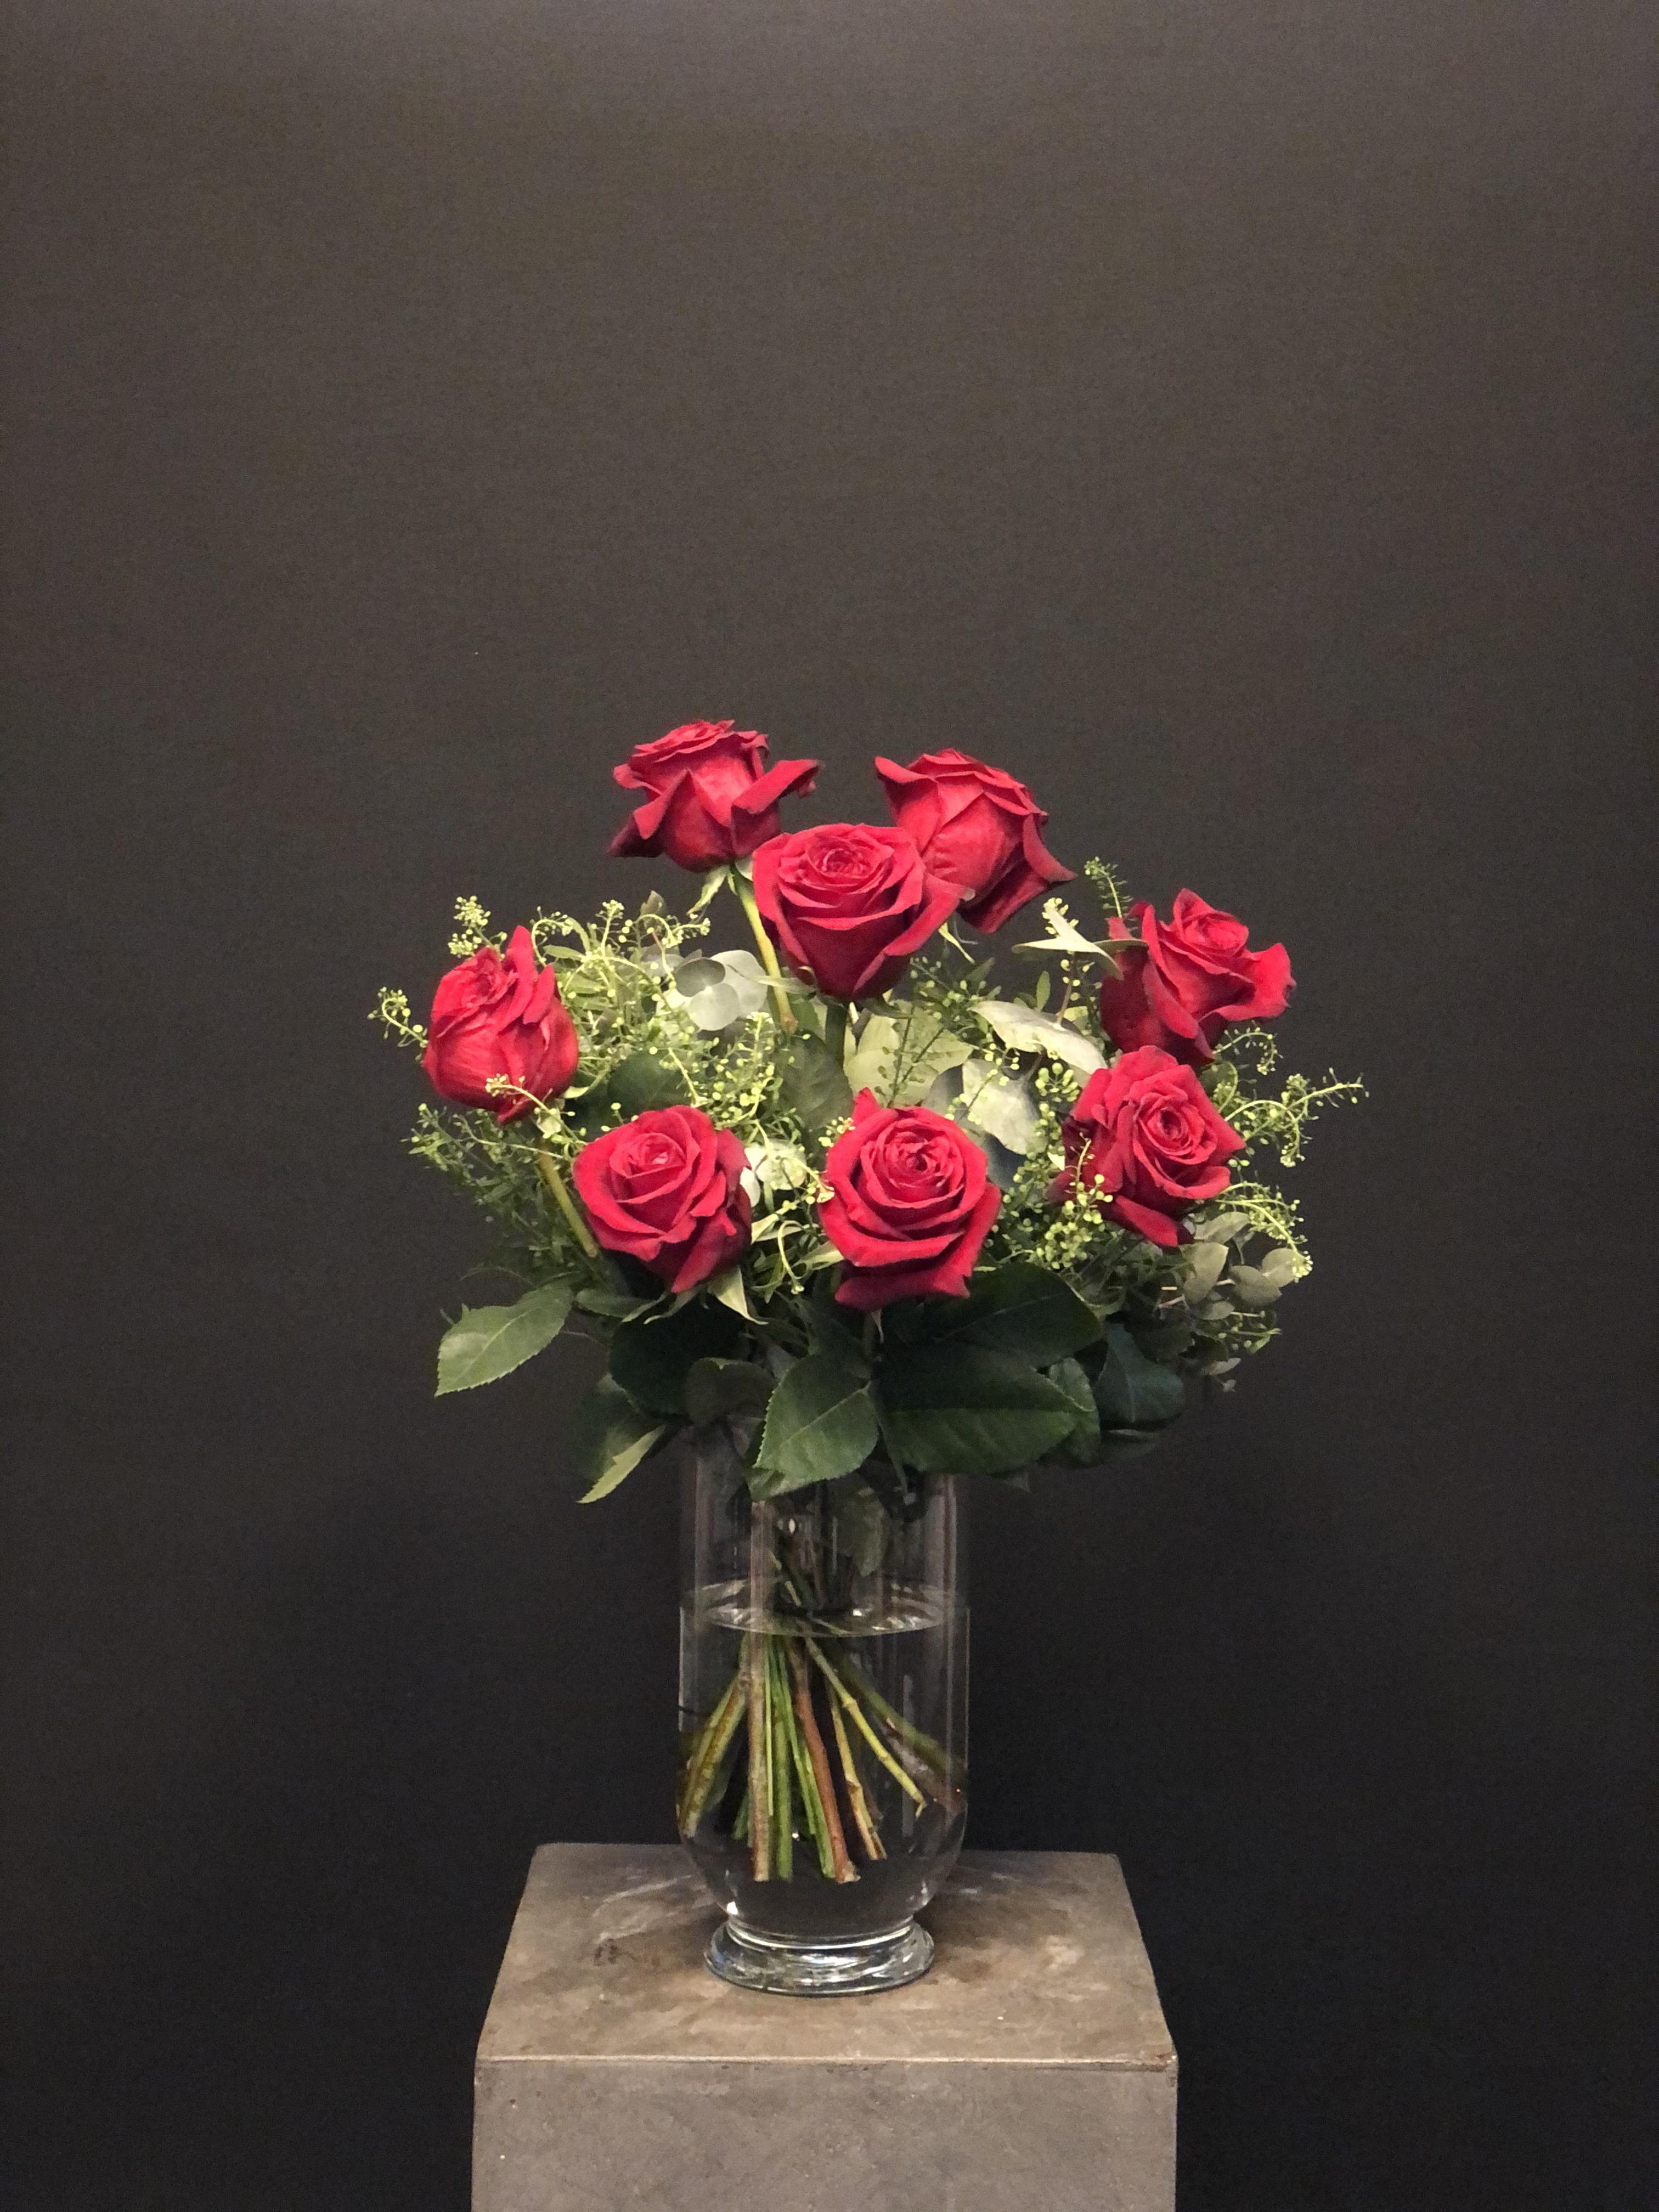 Ramo San Valentin 8 rosas con verdes con jarrón